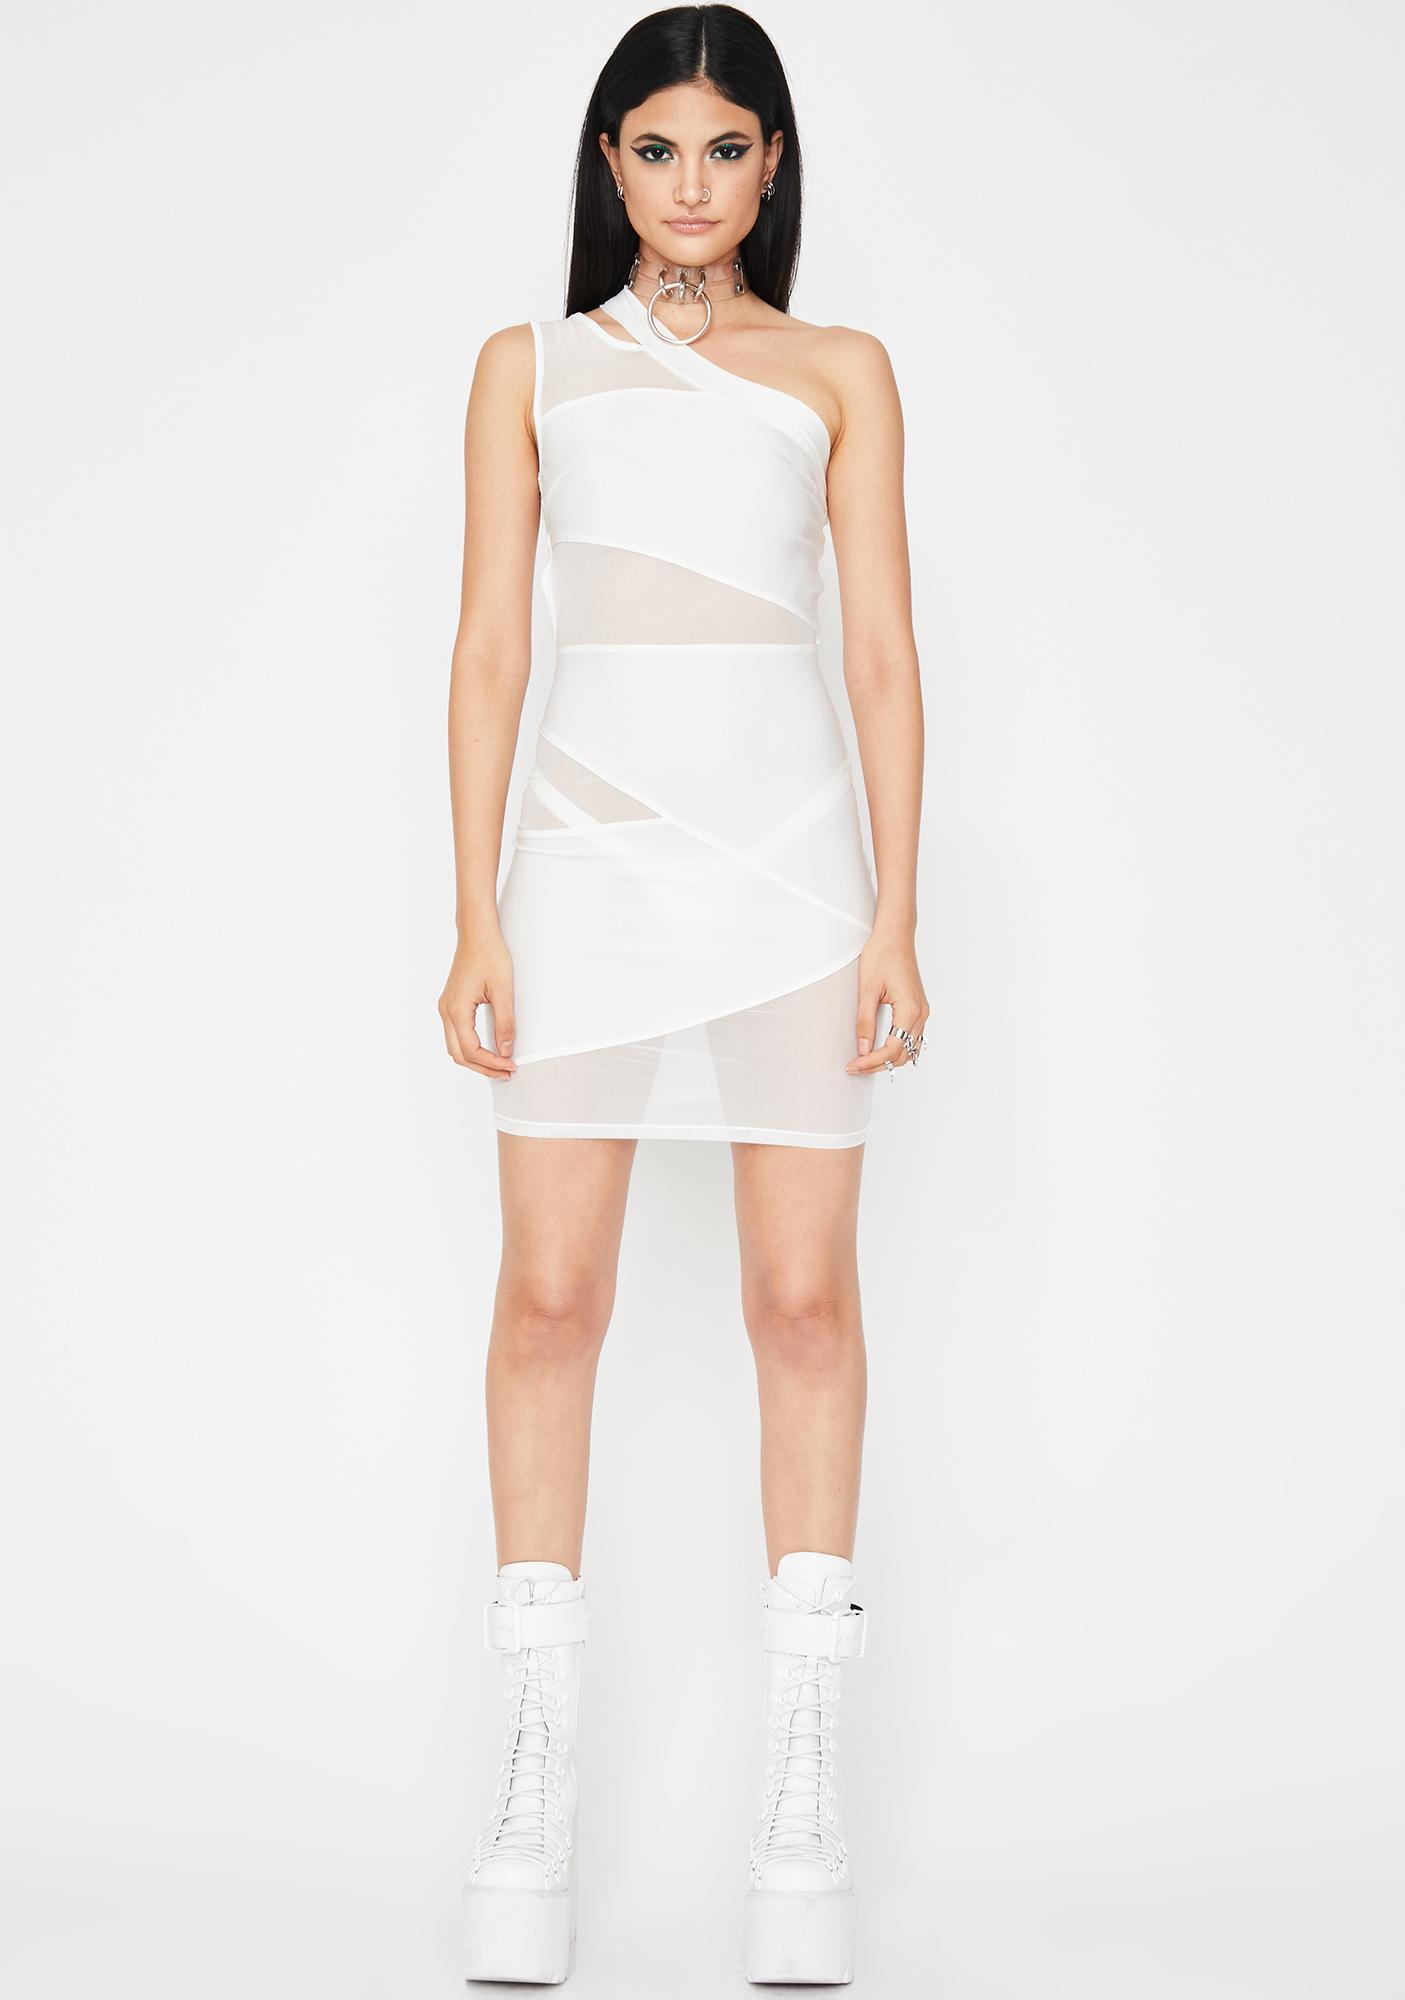 Iced Kinky Euphoria Cut Out Dress